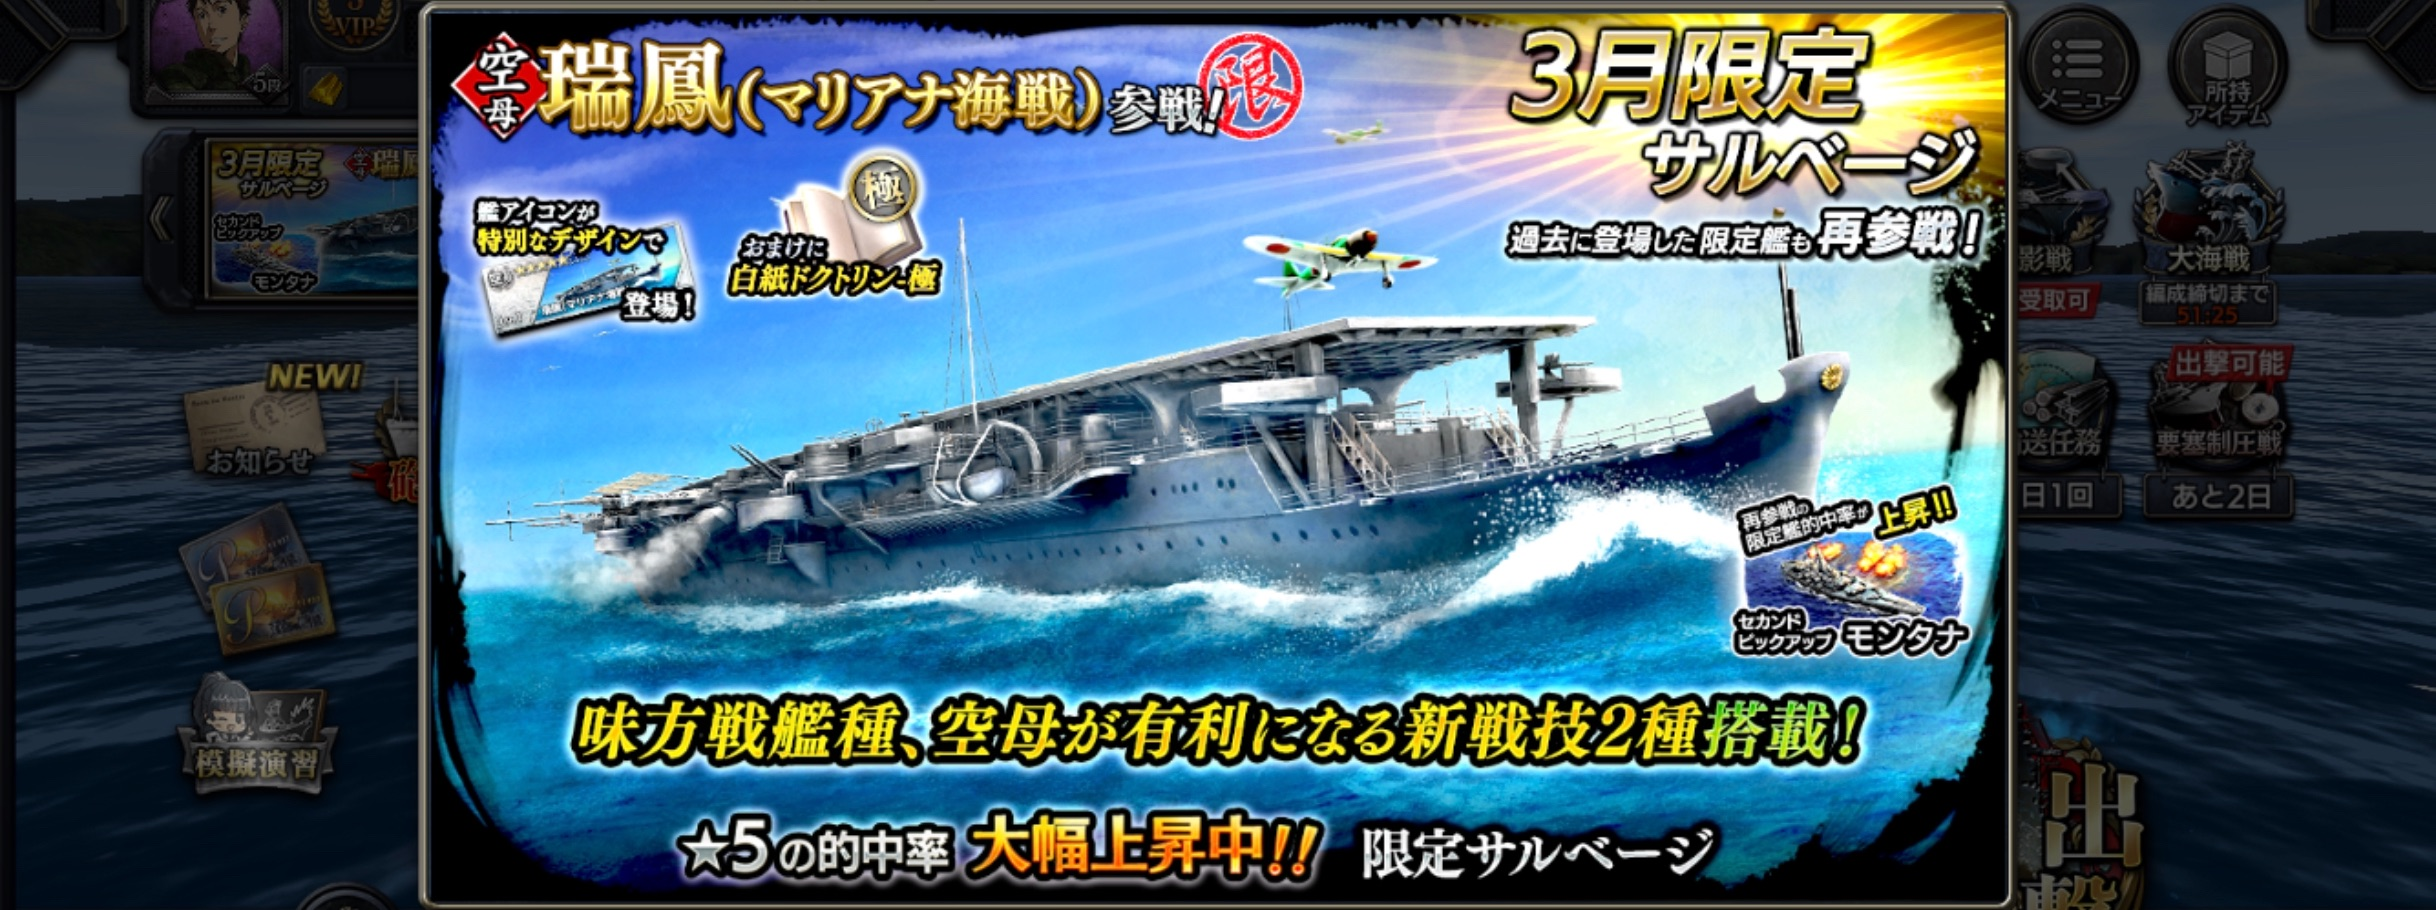 aircraft-carrier:zuihou